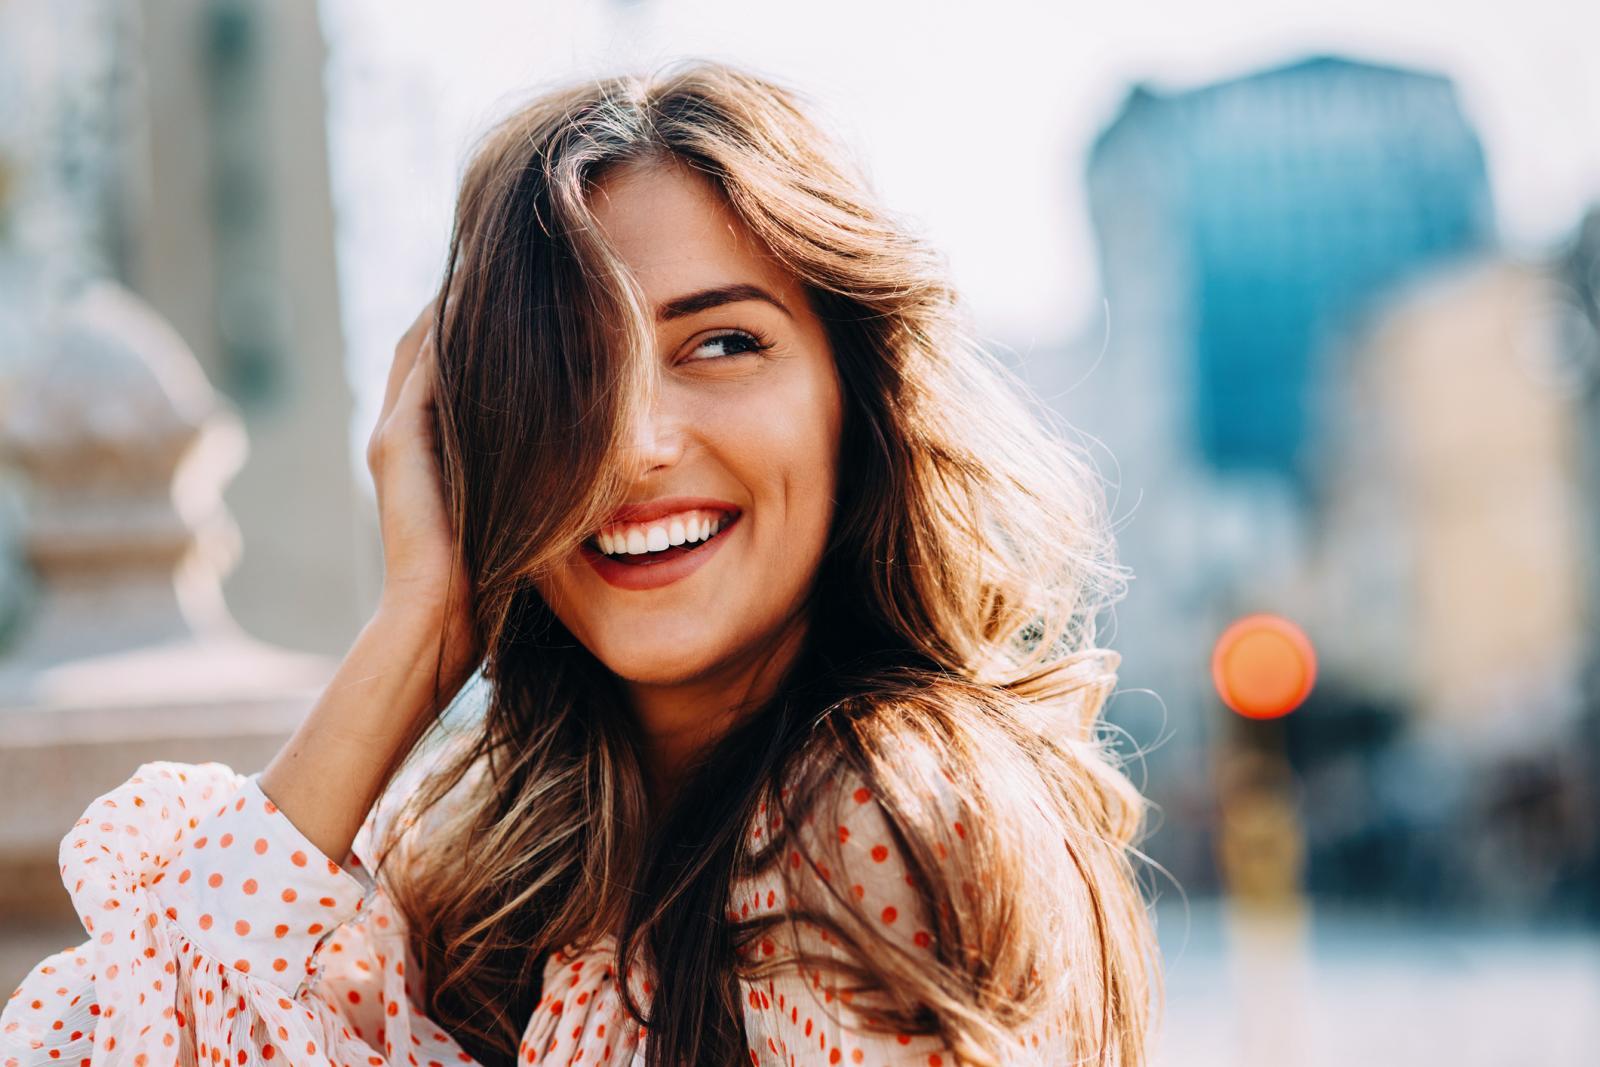 Vitamin D neophodan je za kosti i zube, a određena istraživanja su pokazala da se raspoloženje povezuje s vitamina D.